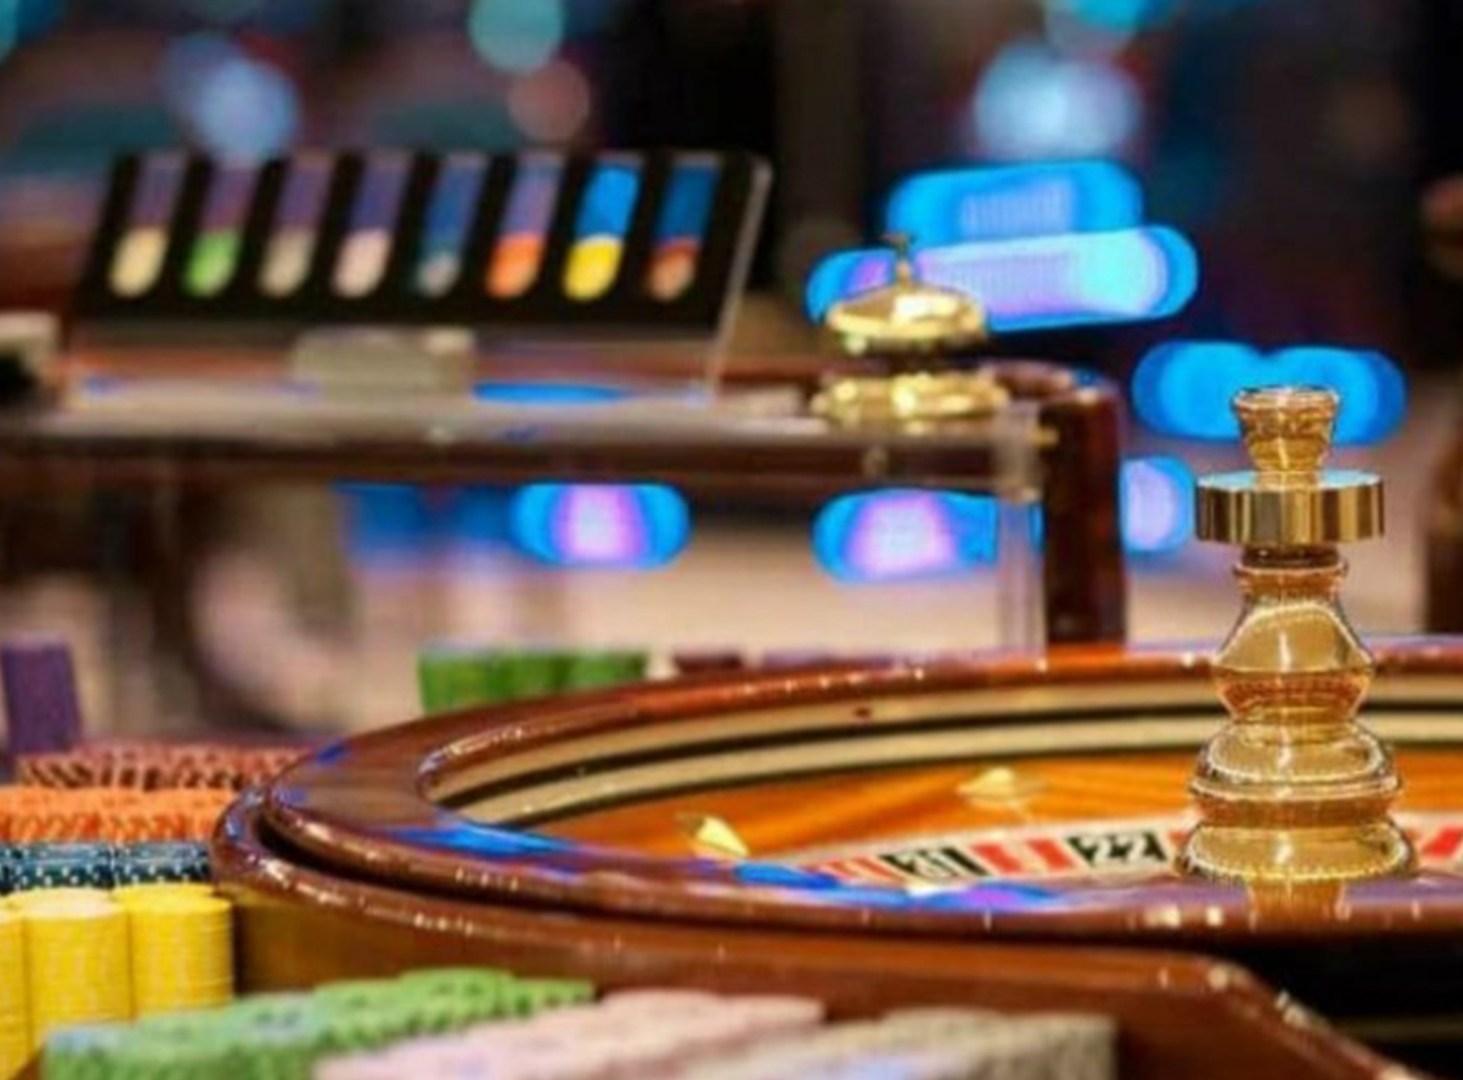 Ваши мечты могут воплотиться жизнь, играя в казино онлайн